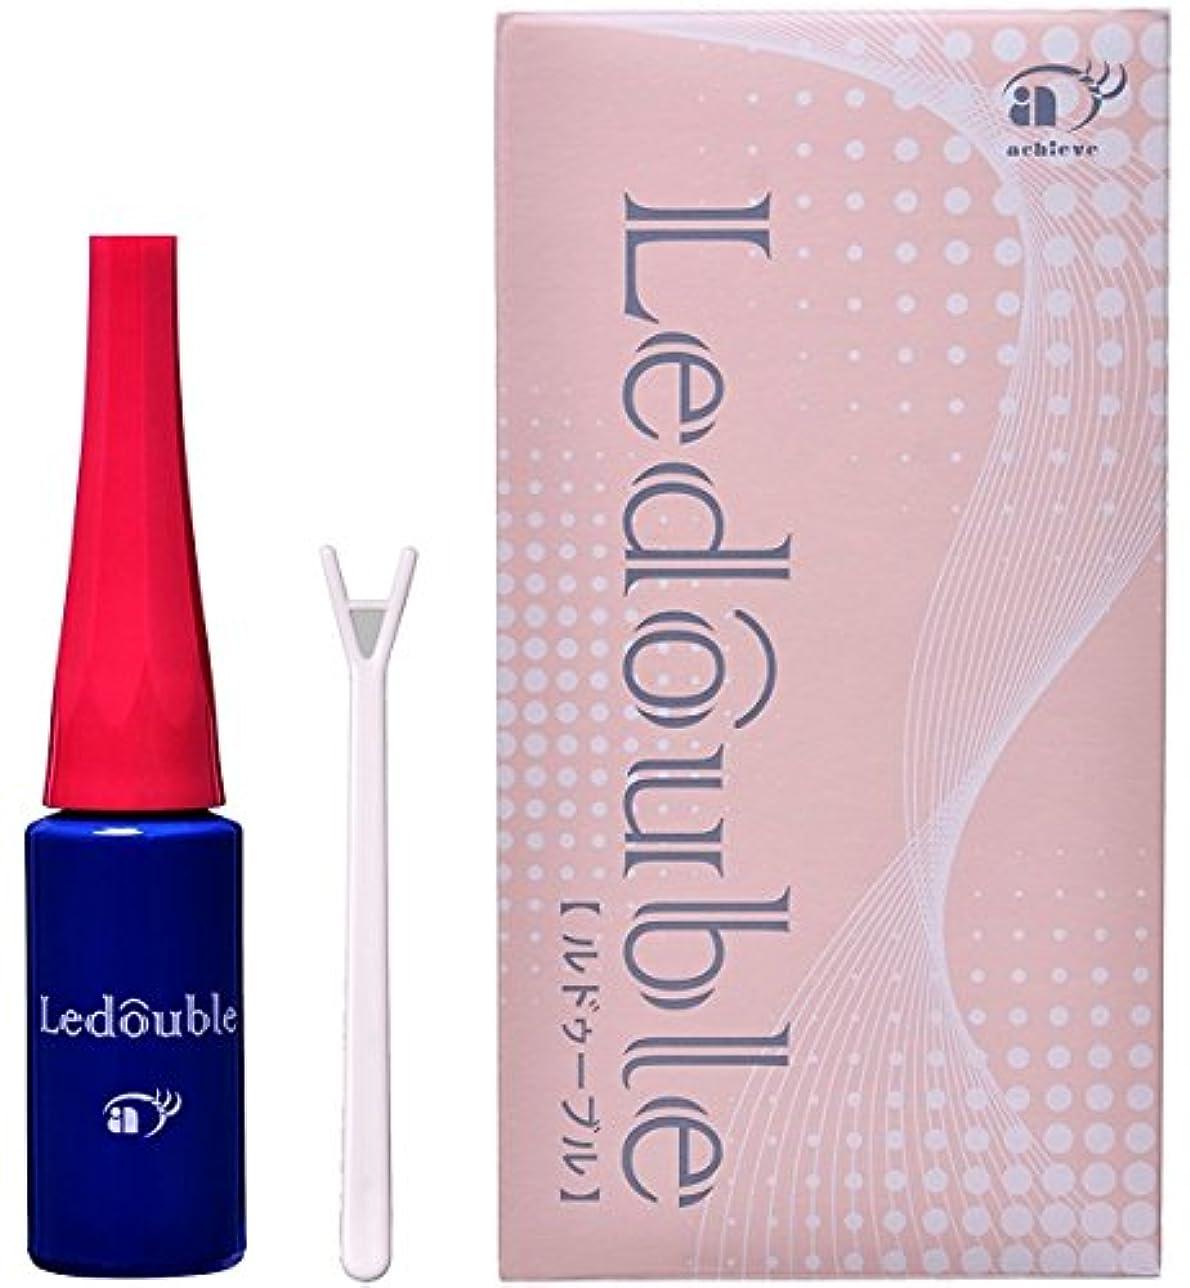 割る維持アンペアルドゥーブル 8mL 二重まぶた 化粧品 お得な8mL